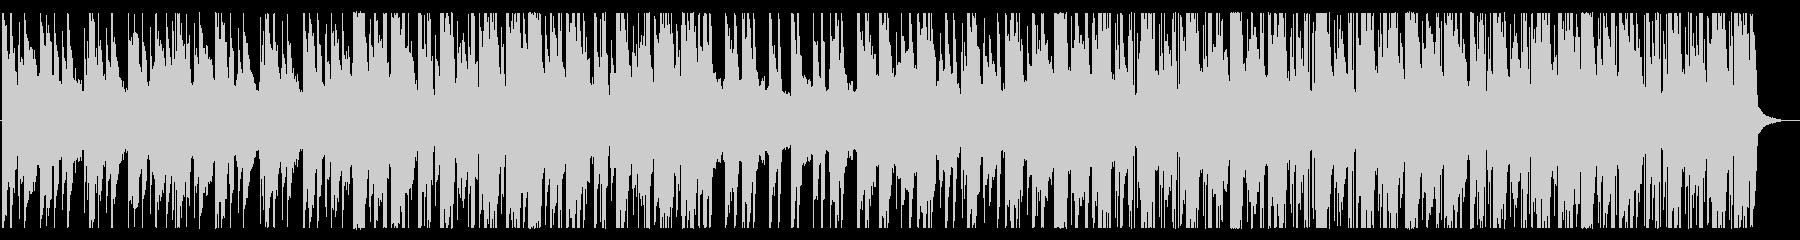 ピアノ/シンプル/R&B_No443_2の未再生の波形